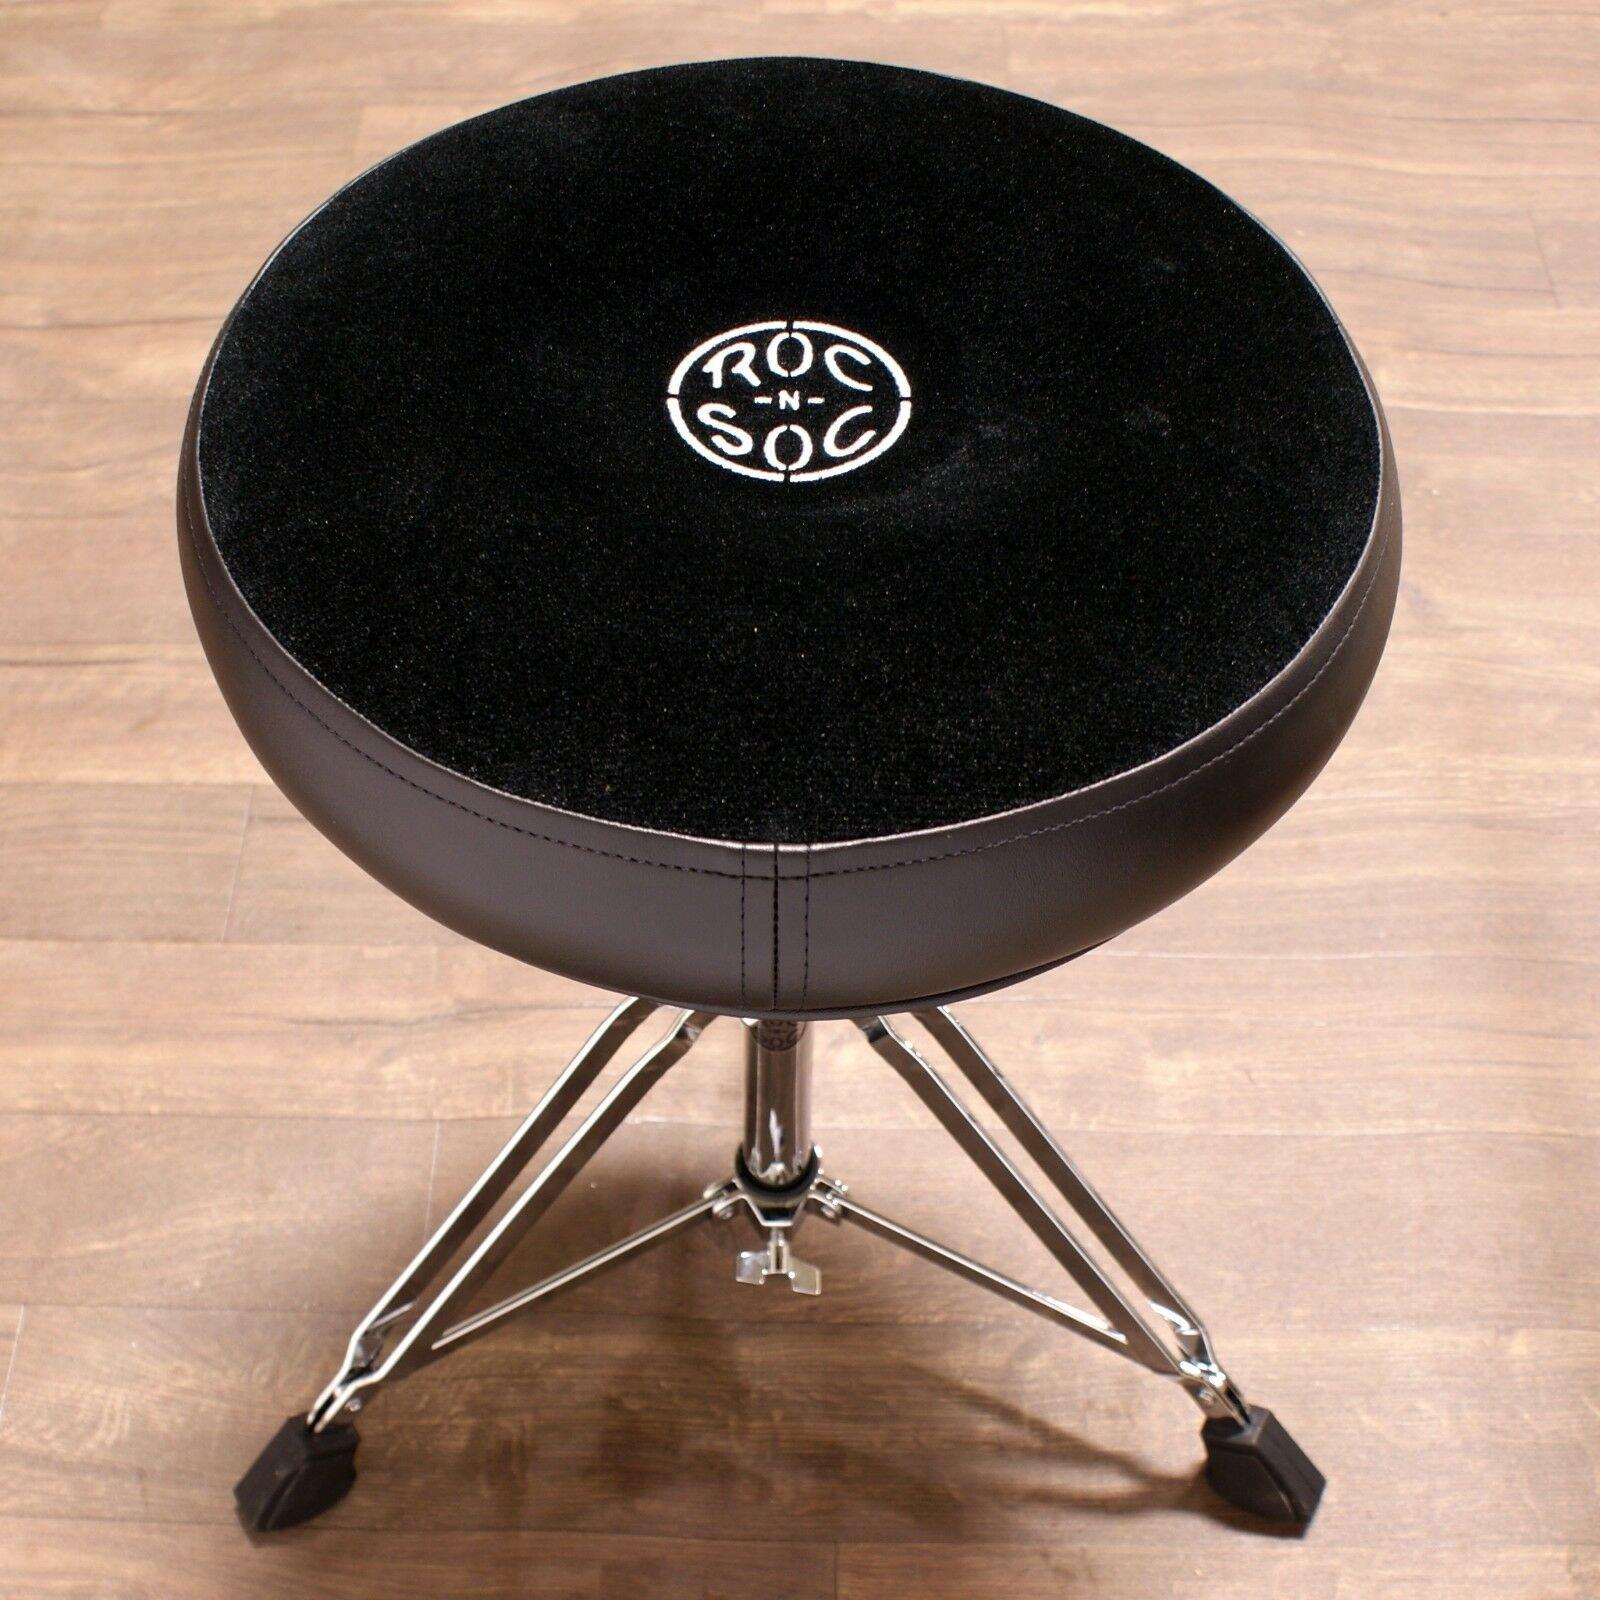 Roc-N-Soc MS Drum Throne Round Black